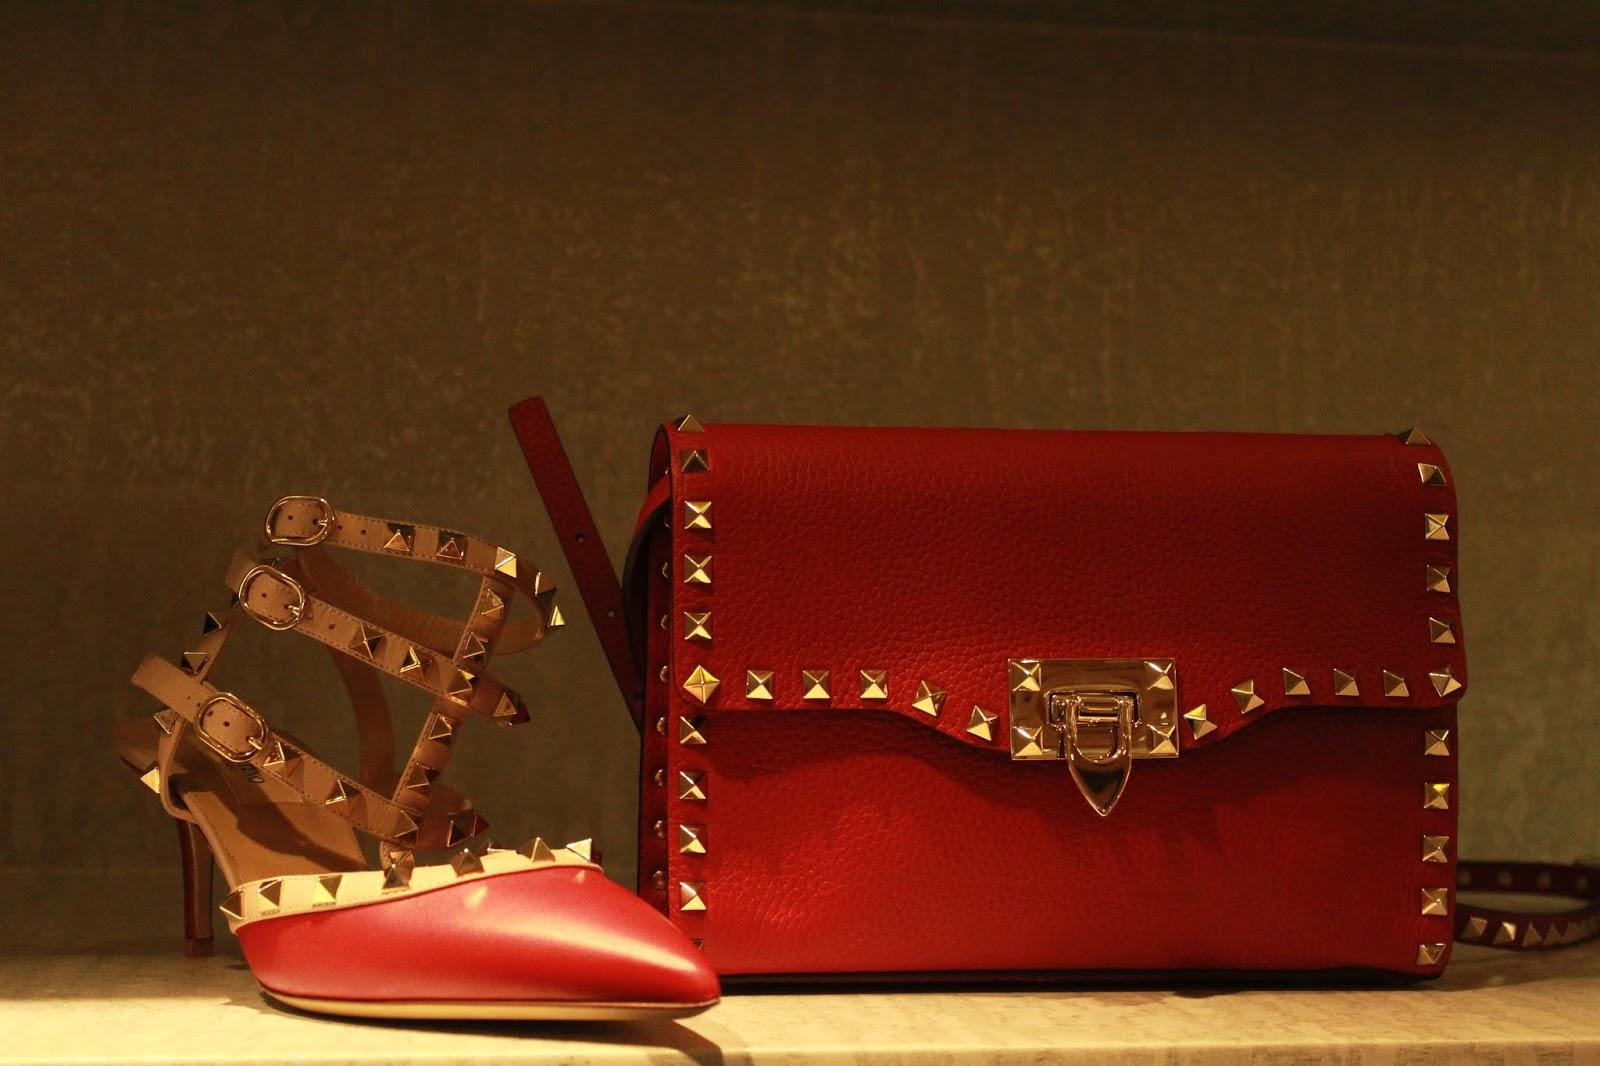 f6f8f8f2f4 Bolsos y Calzado con taches en tonos bastante llamativos para la mujer  elegante y con estilo